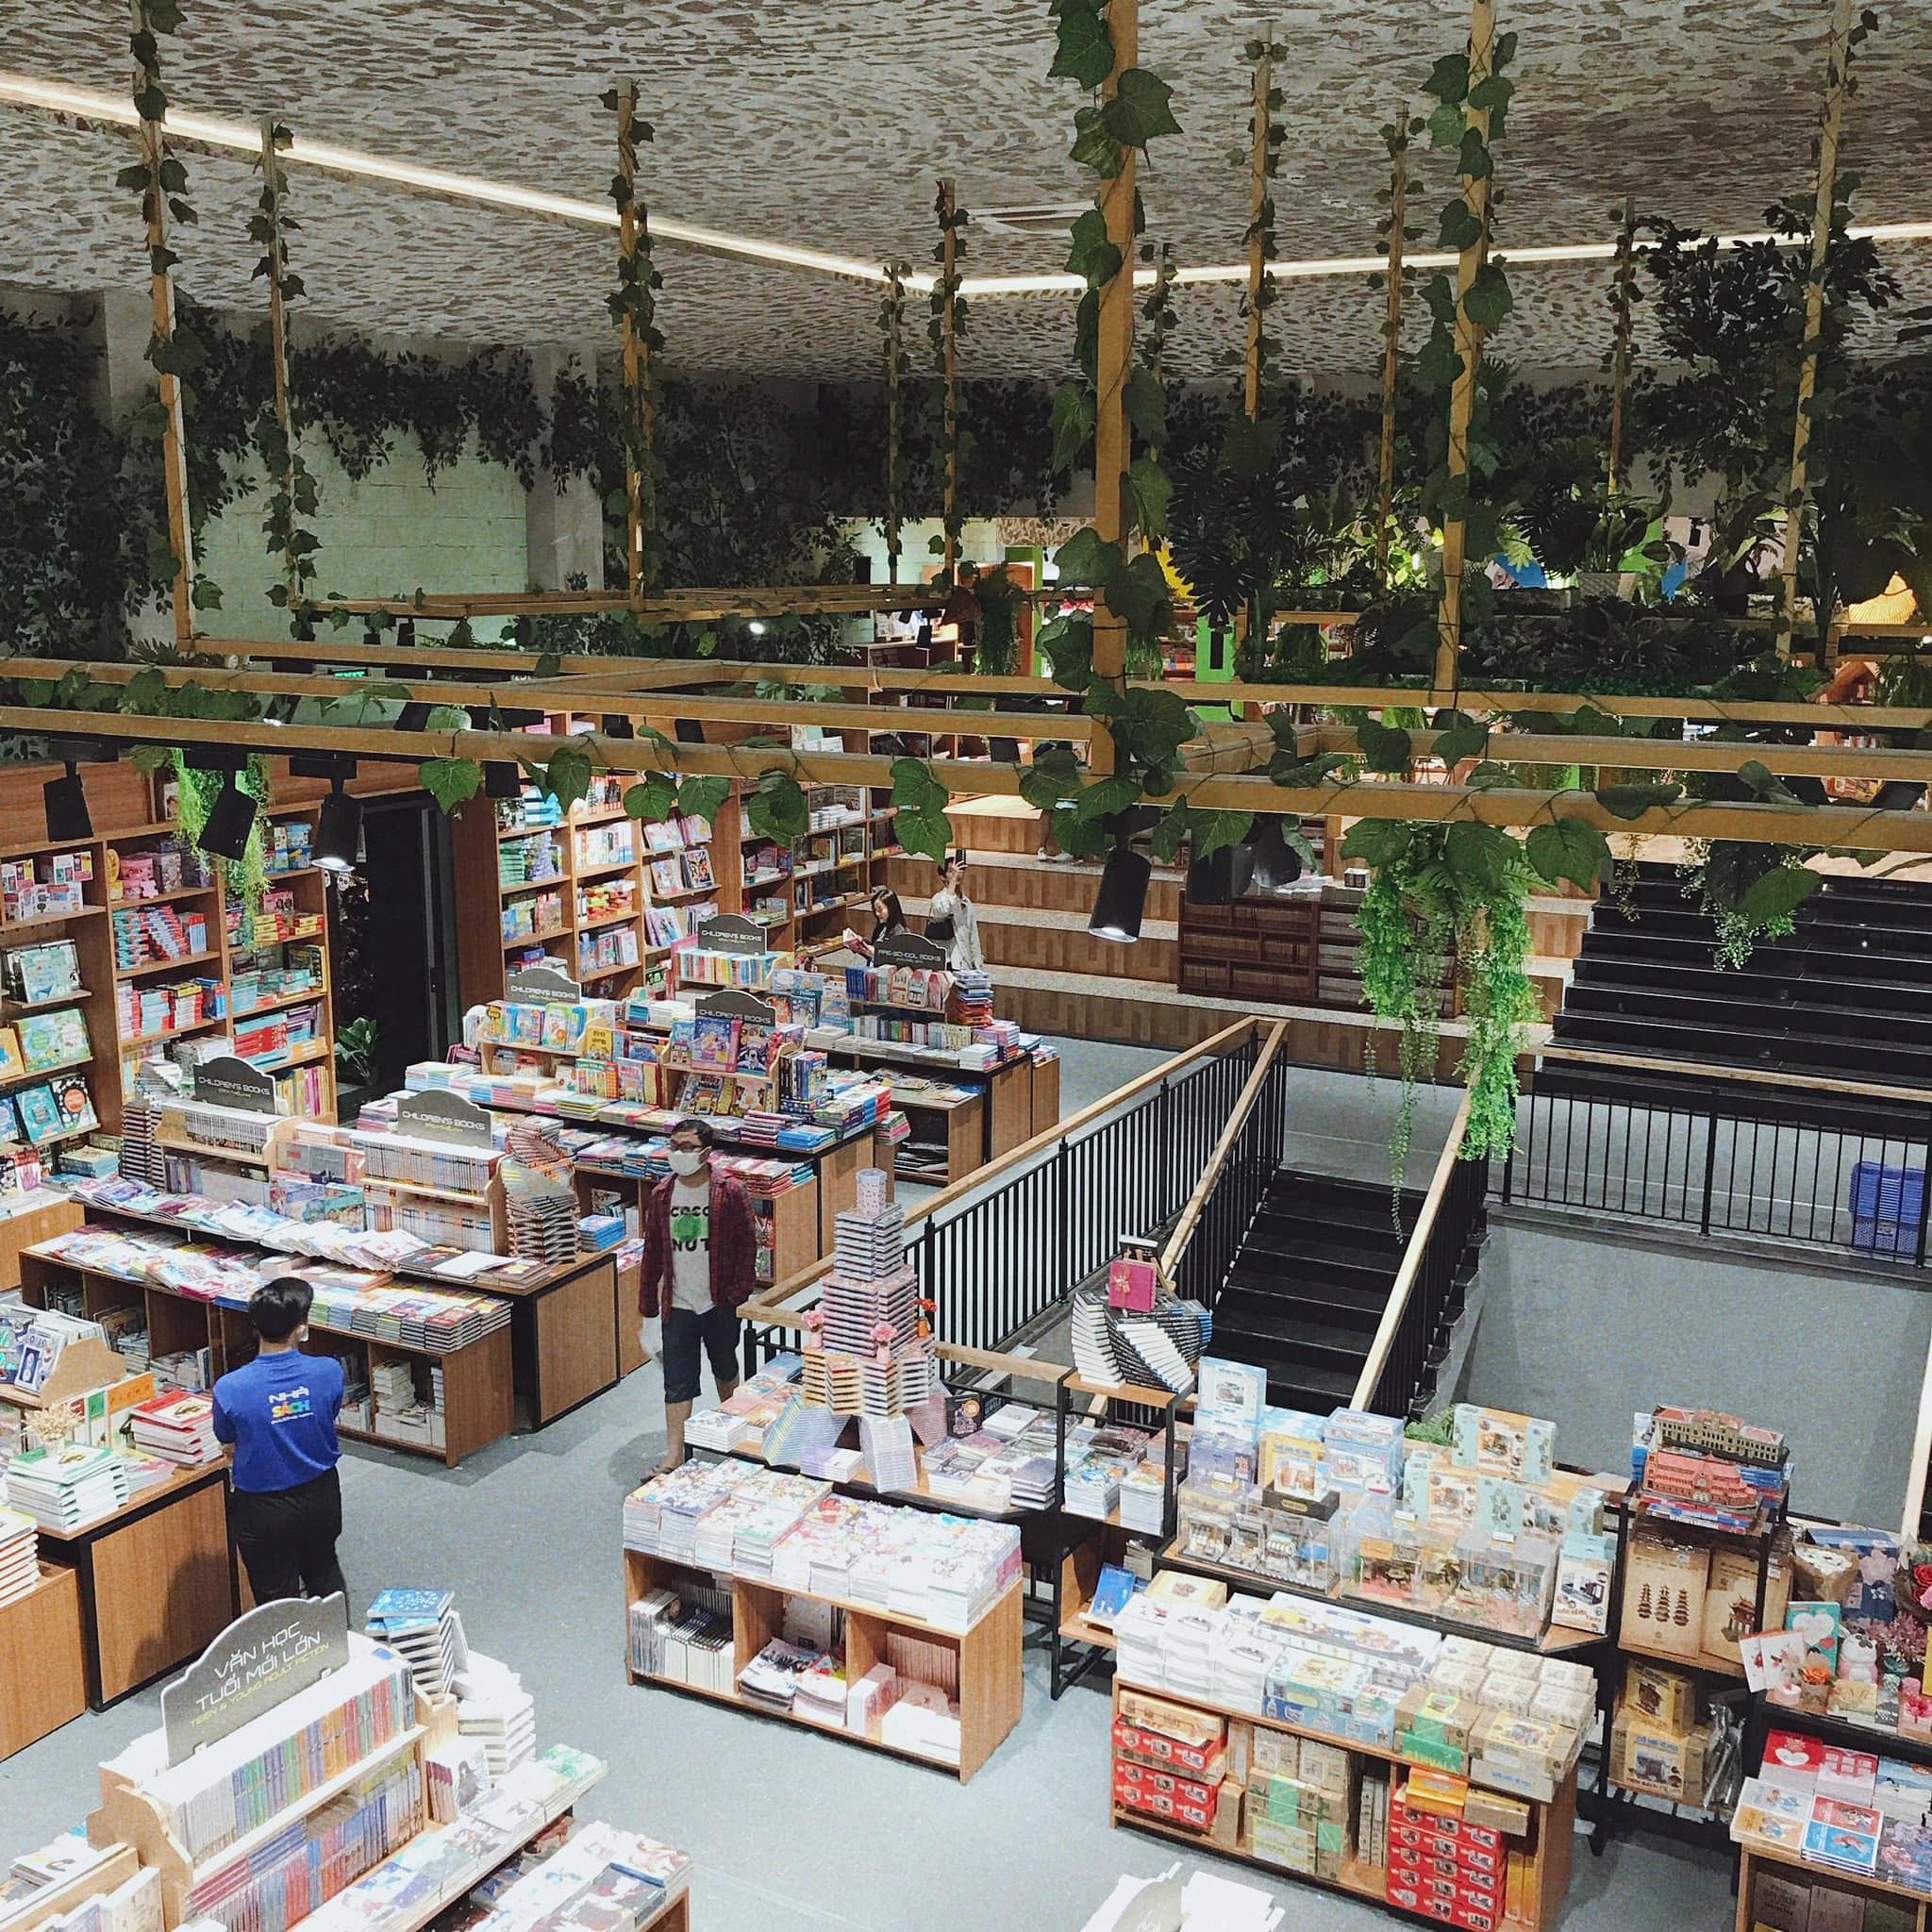 """Ghé thăm nơi được giới trẻ mệnh danh là """"nhà sách đẹp nhất Sài Gòn"""", rộng thênh thang với những góc xanh mát xinh xắn đáng ngạc nhiên - Ảnh 3."""